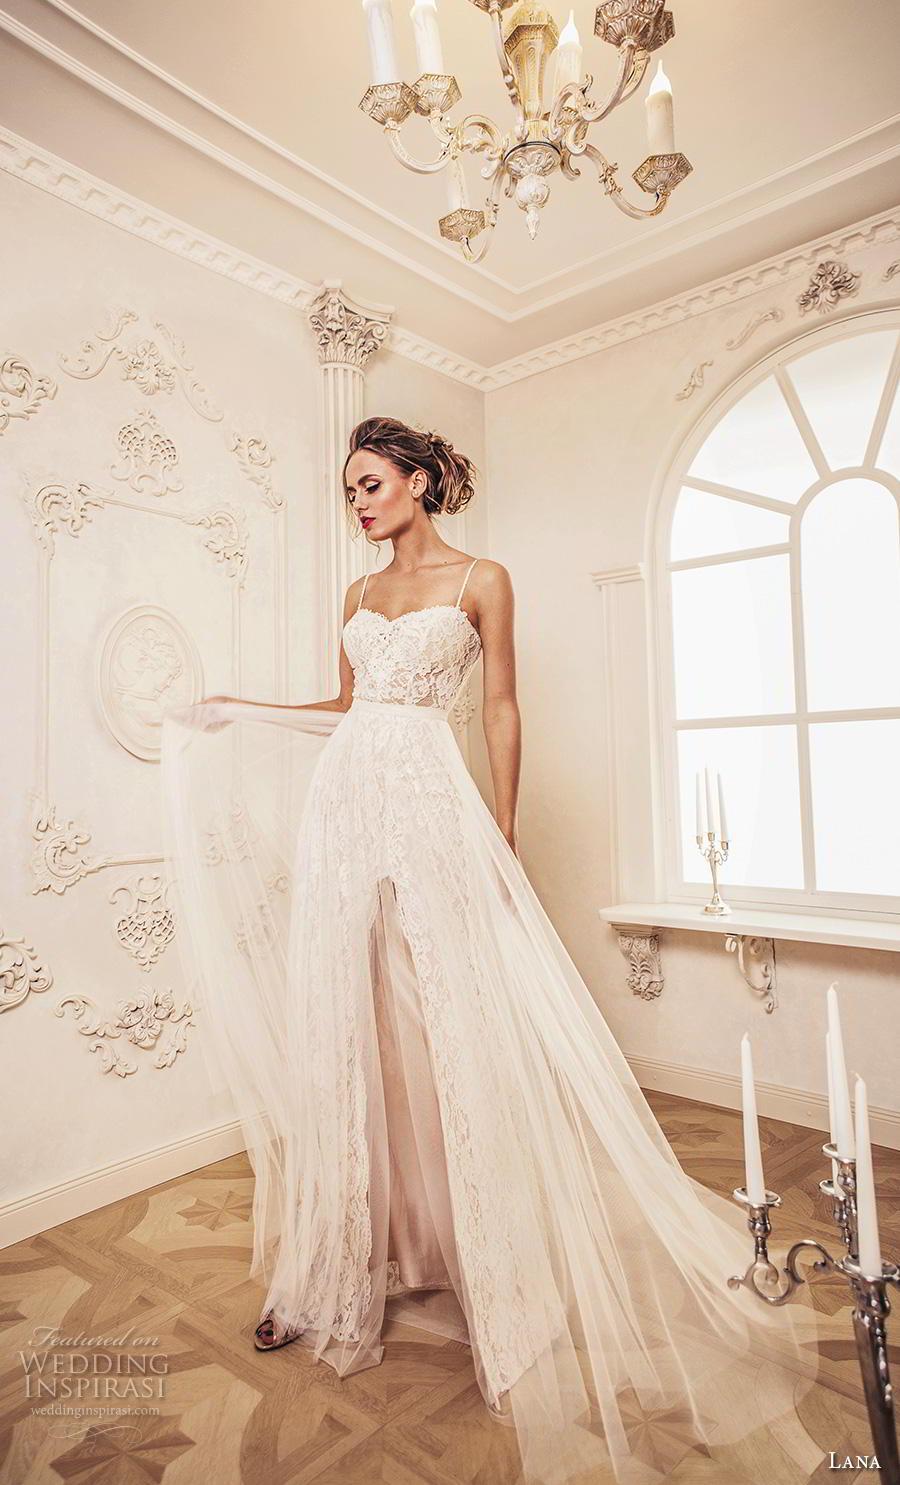 lana 2018 bridal spaghetti strap sweetheart neckline full embellishment slit skirt elegant romantic sheath wedding dress a  line overskirt open scoop back chapel train (10) mv